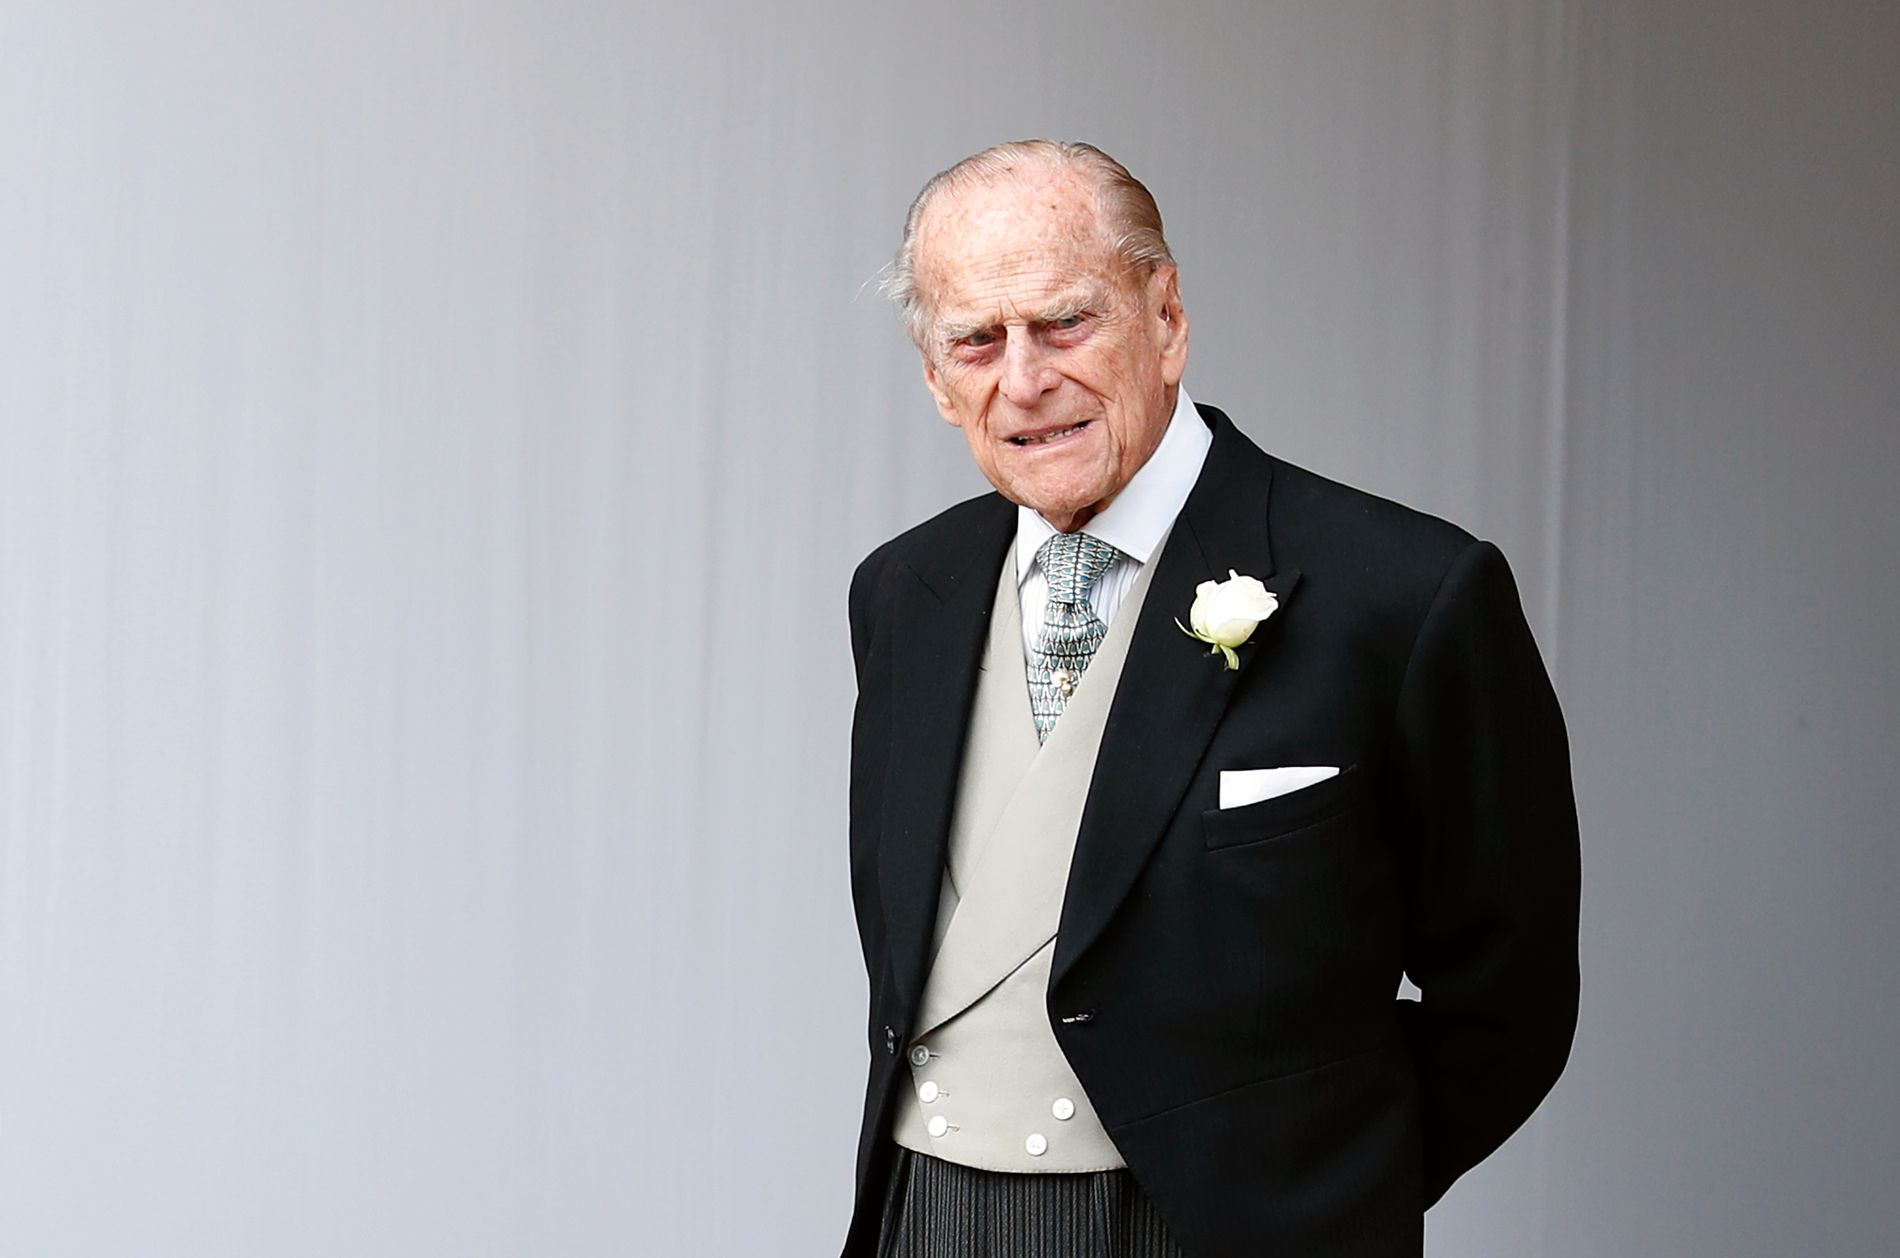 BEKLAGER: Prins Philip har beklage til kvinnen som ble skadet i bilulykken tidligere i januar.